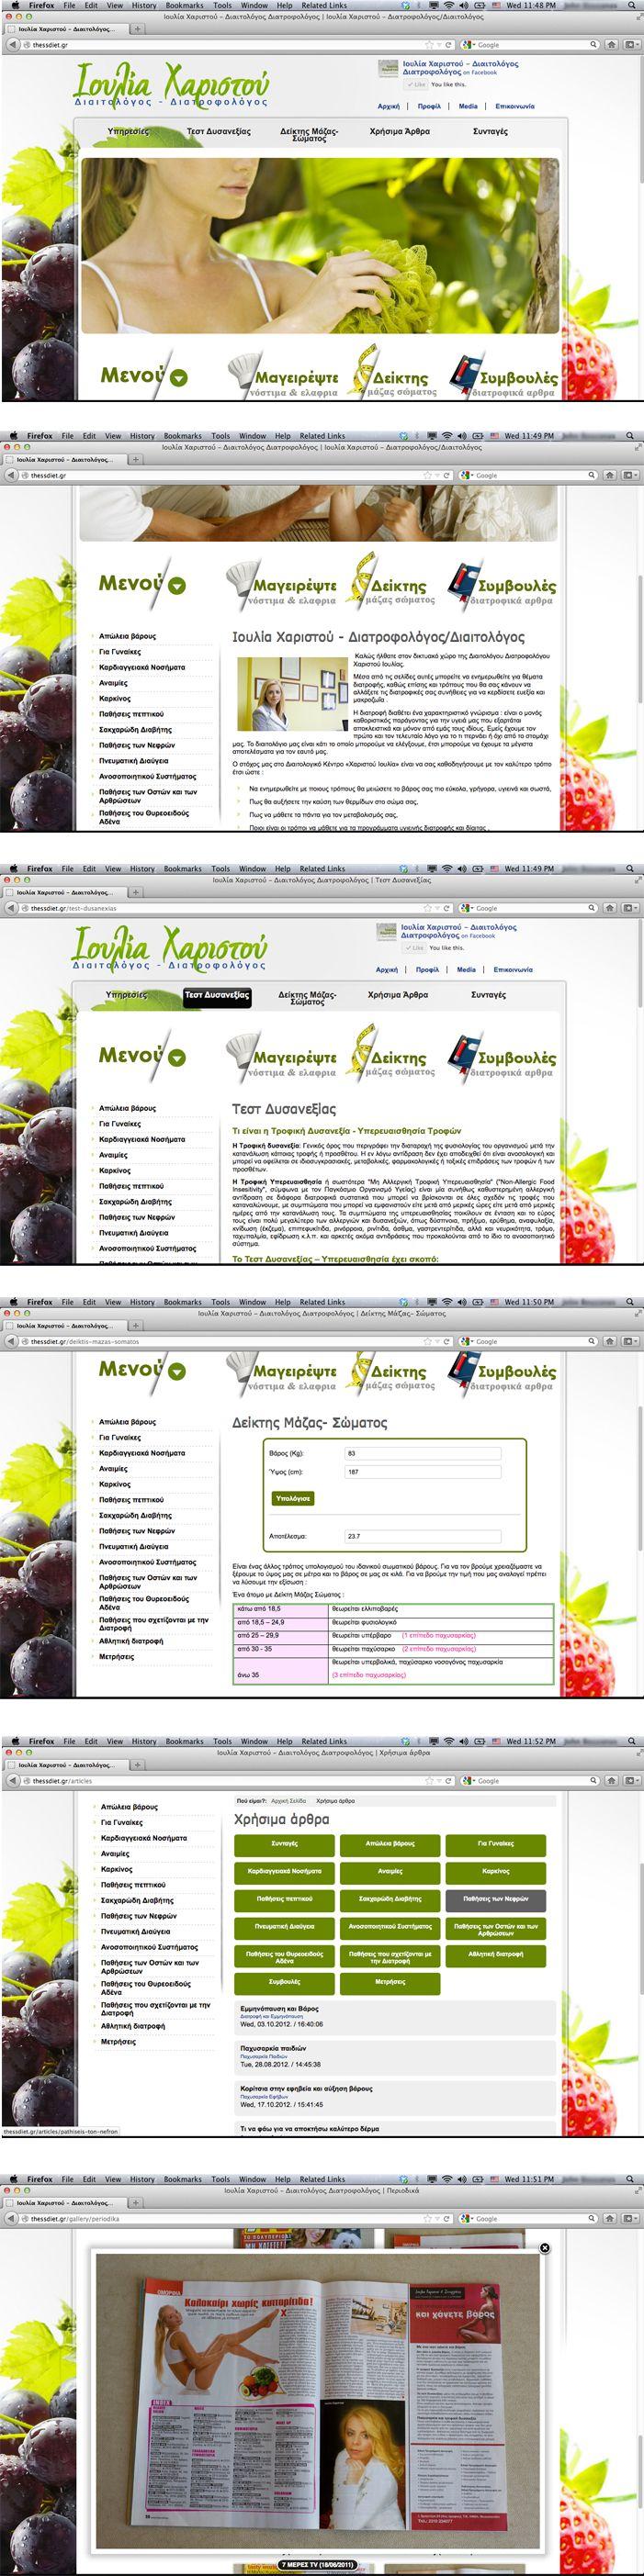 Για την ιστοσελίδα www.thessdiet.gr